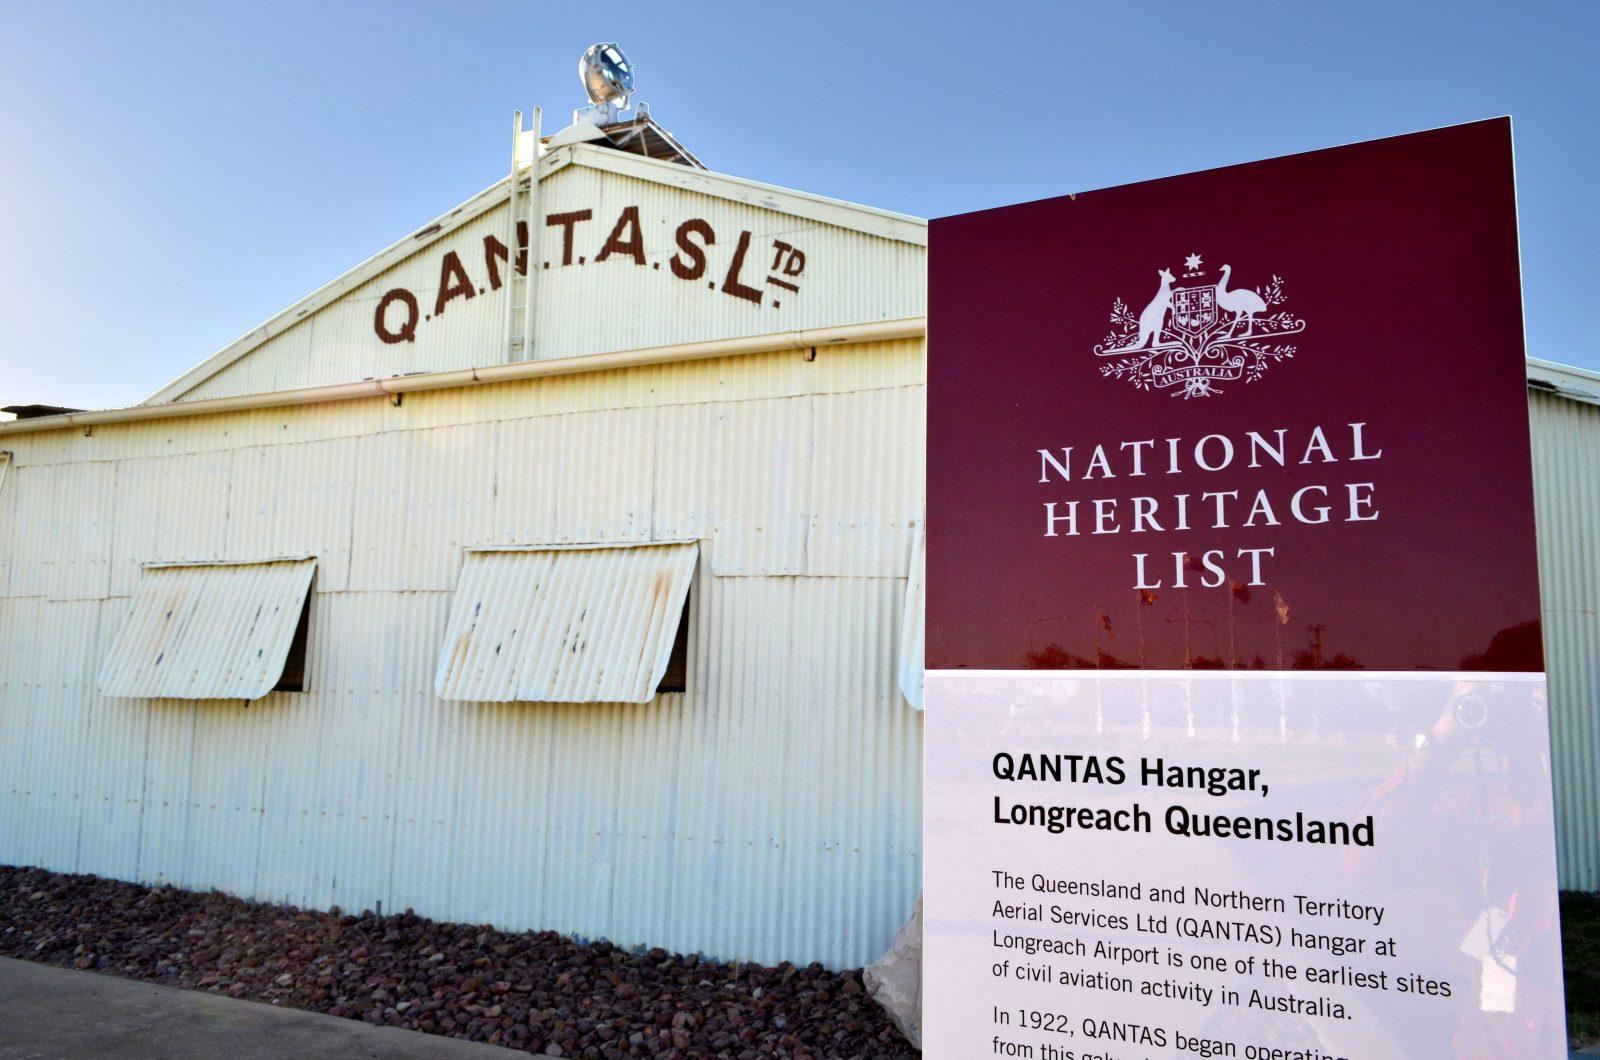 National Heritage Listed Qantas Hangar